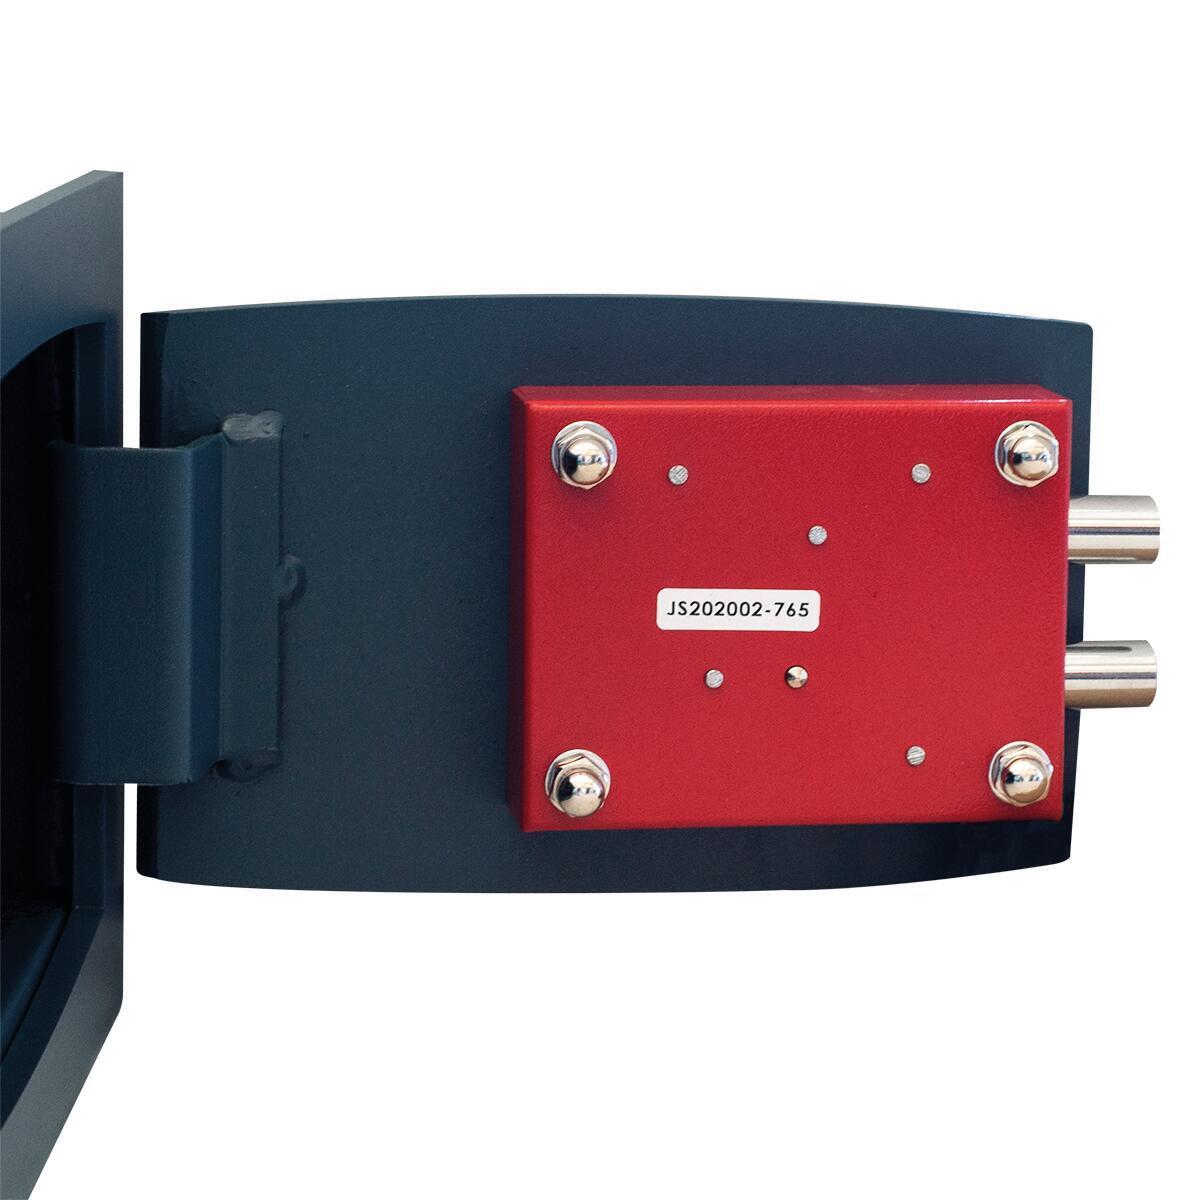 Cassaforte a chiave STARK 800A da murare L26 x P15 x H18 cm - 4